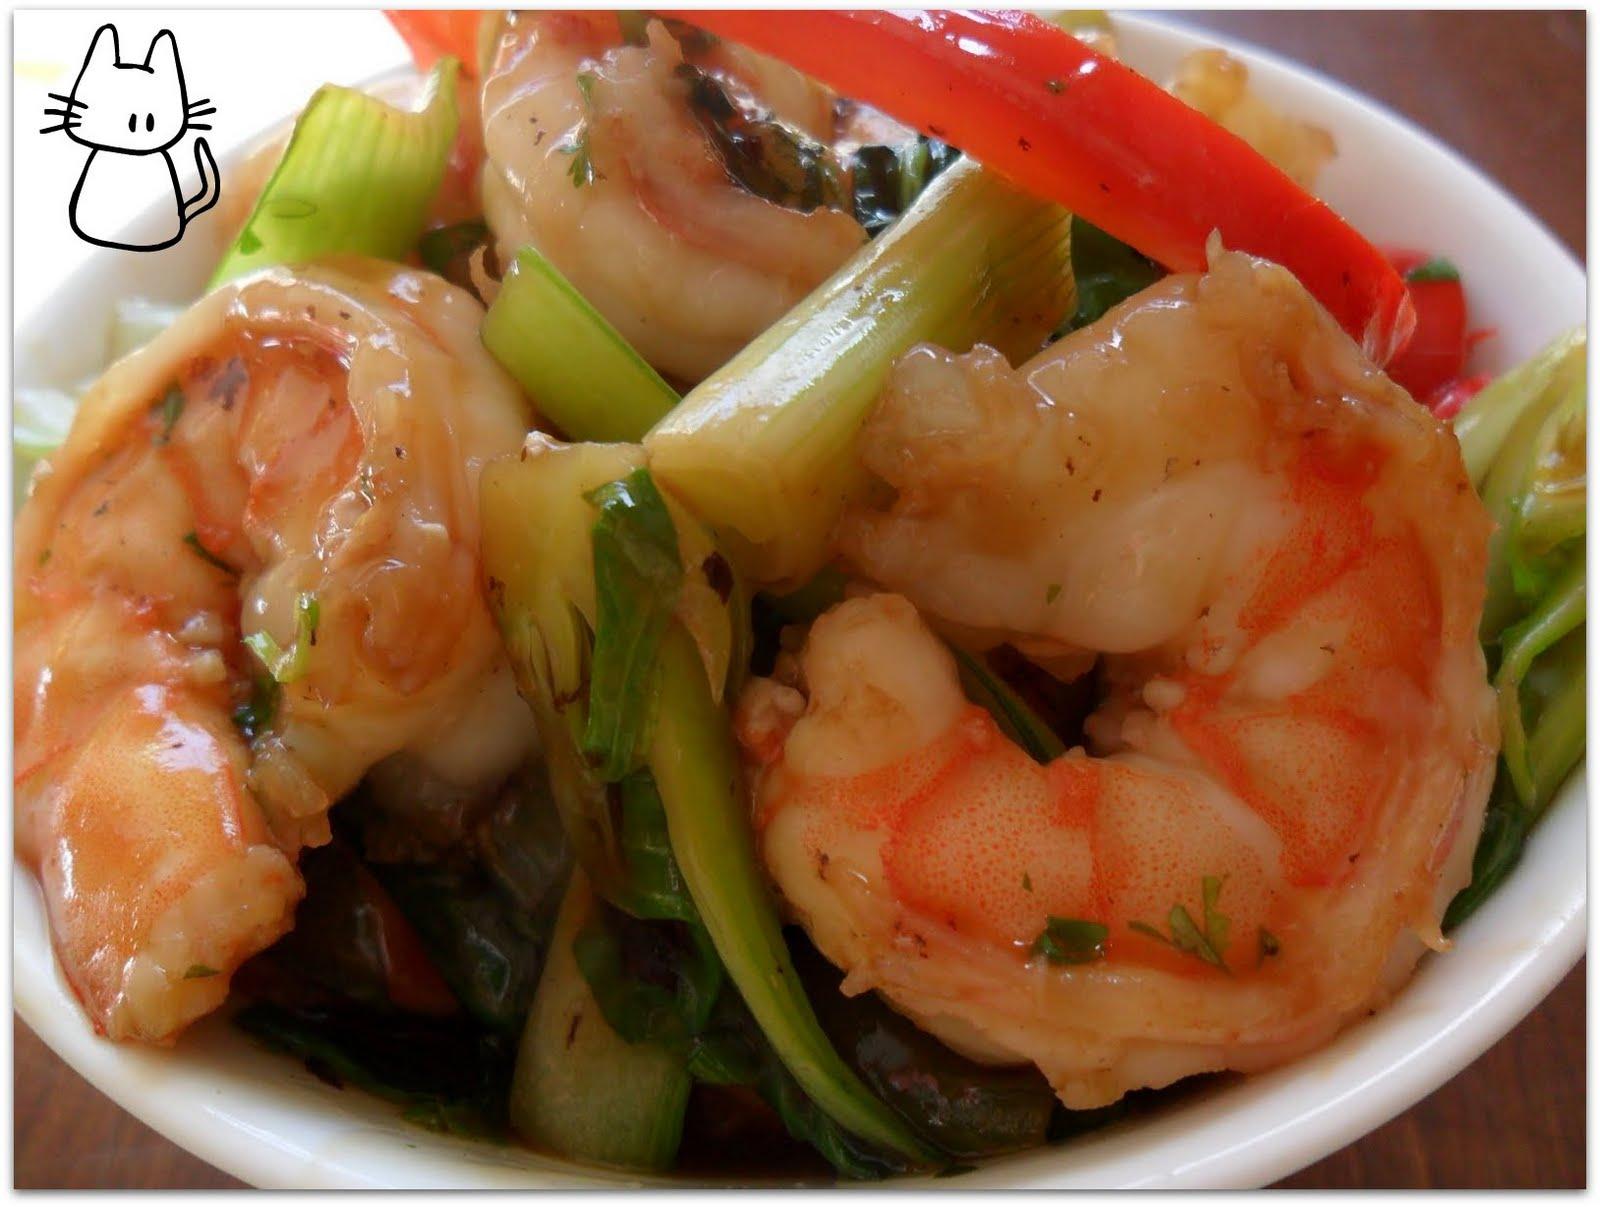 Saut de crevettes au bok choy blogs de cuisine - Cuisson pak choi ...